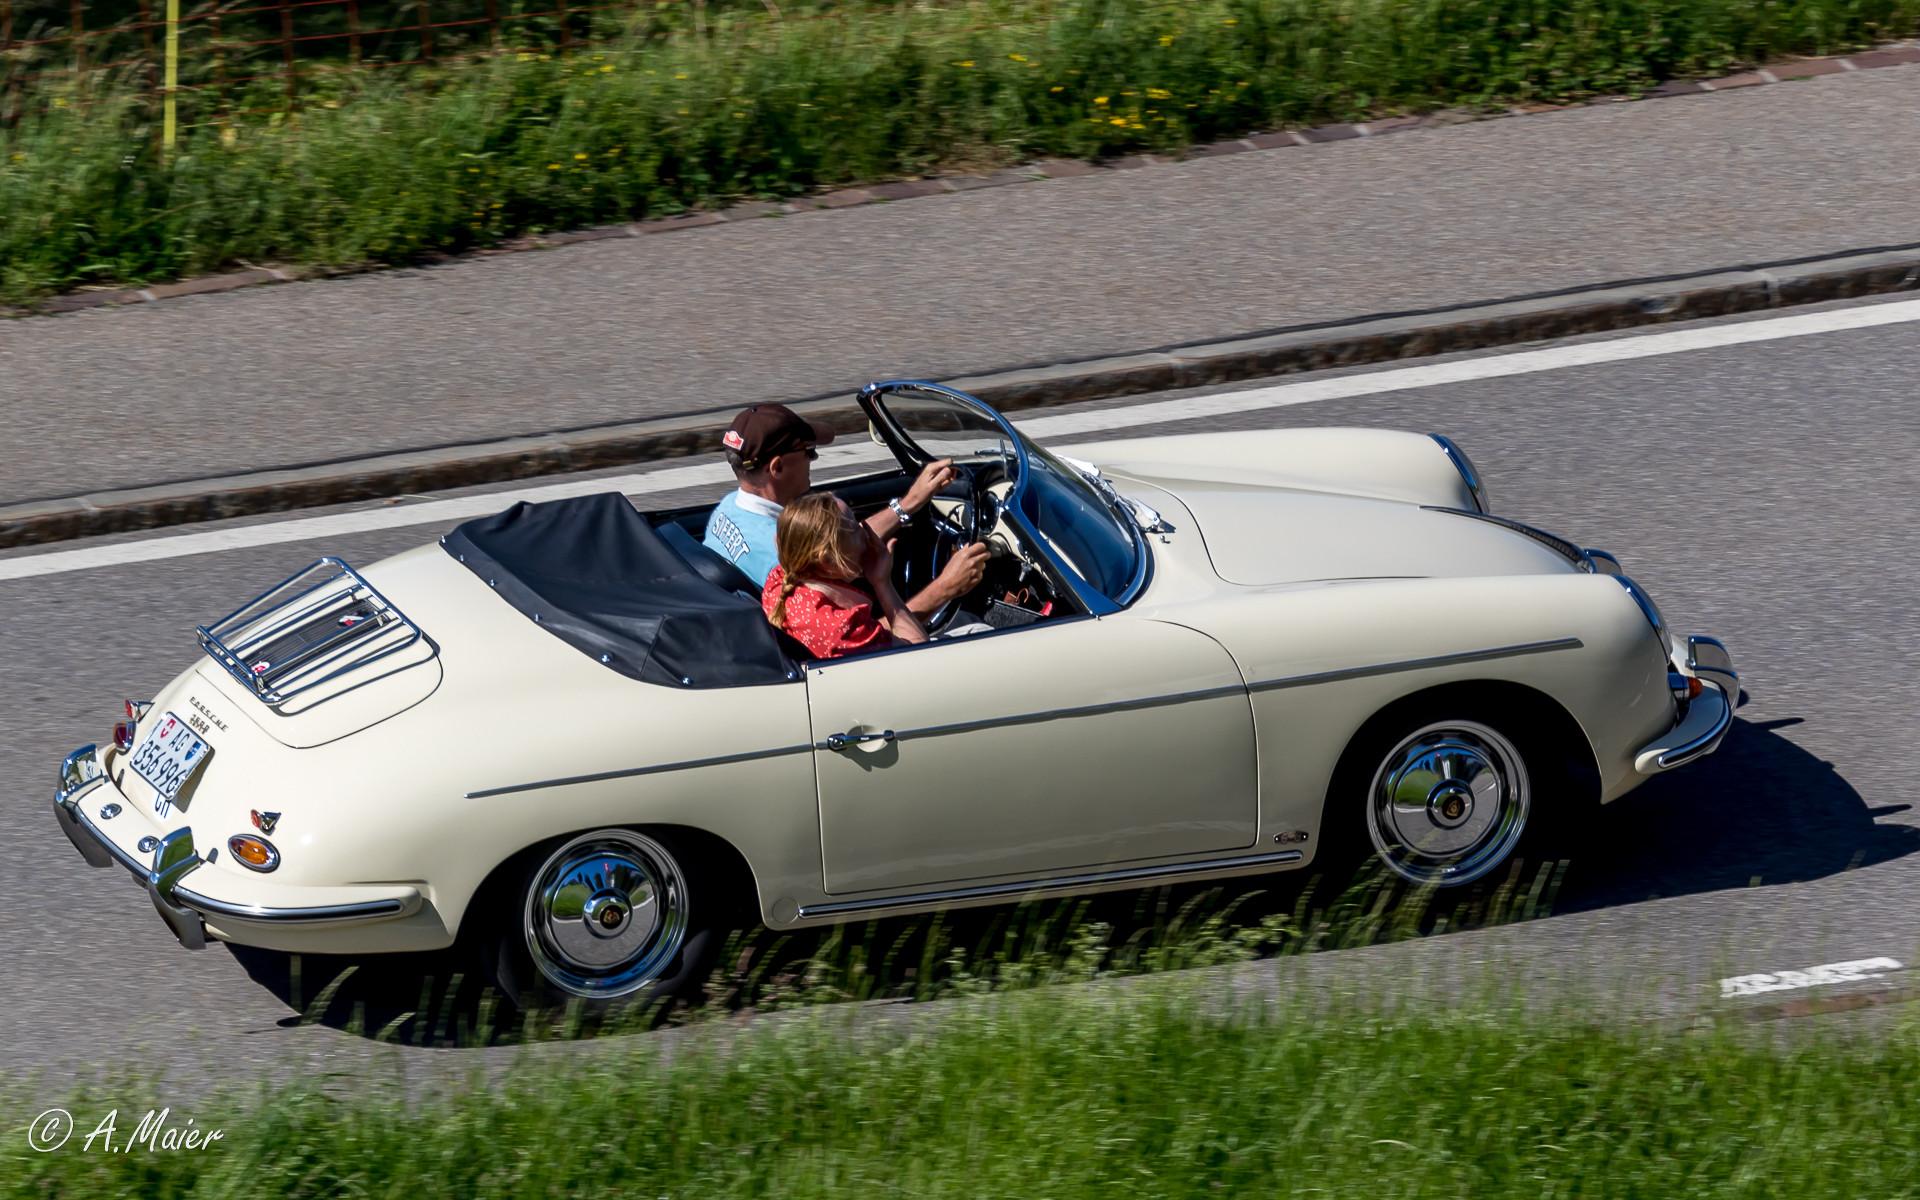 Klicke auf die Grafik für eine vergrößerte Ansicht  Name: 2020.07.05 Porsche 356 Schweiz-357.jpg Ansichten: 0 Größe: 653,8 KB ID: 11806586